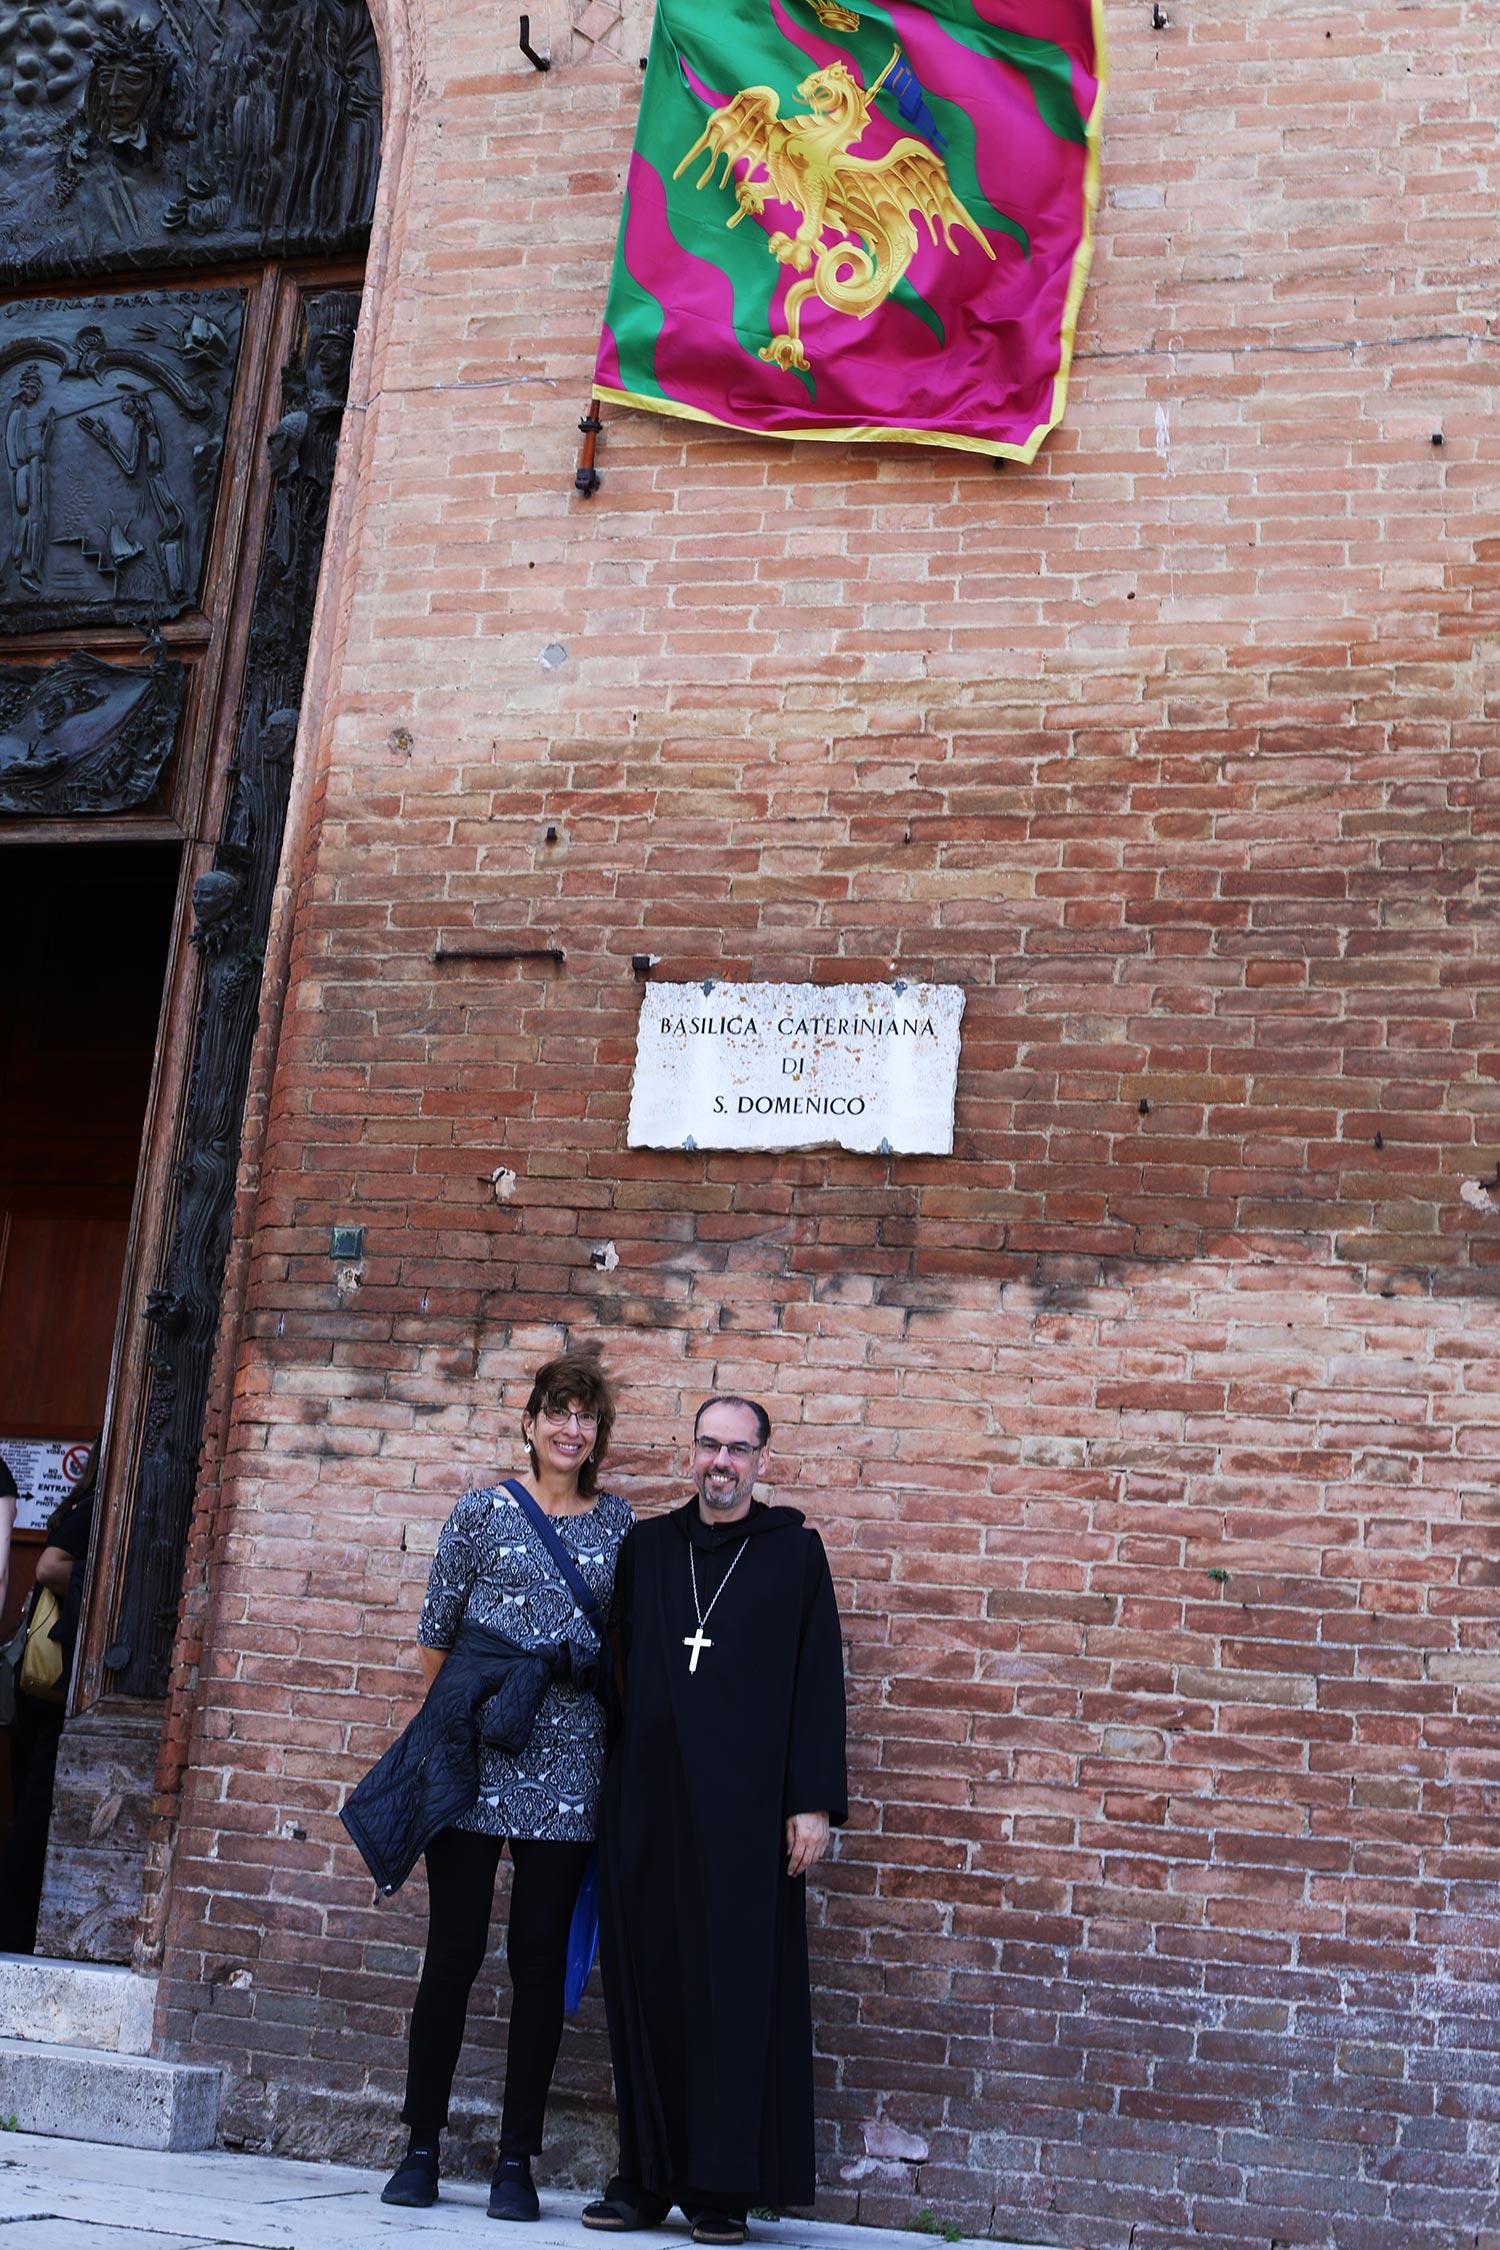 Pilgrimage_Rome_4190_Siena.jpg